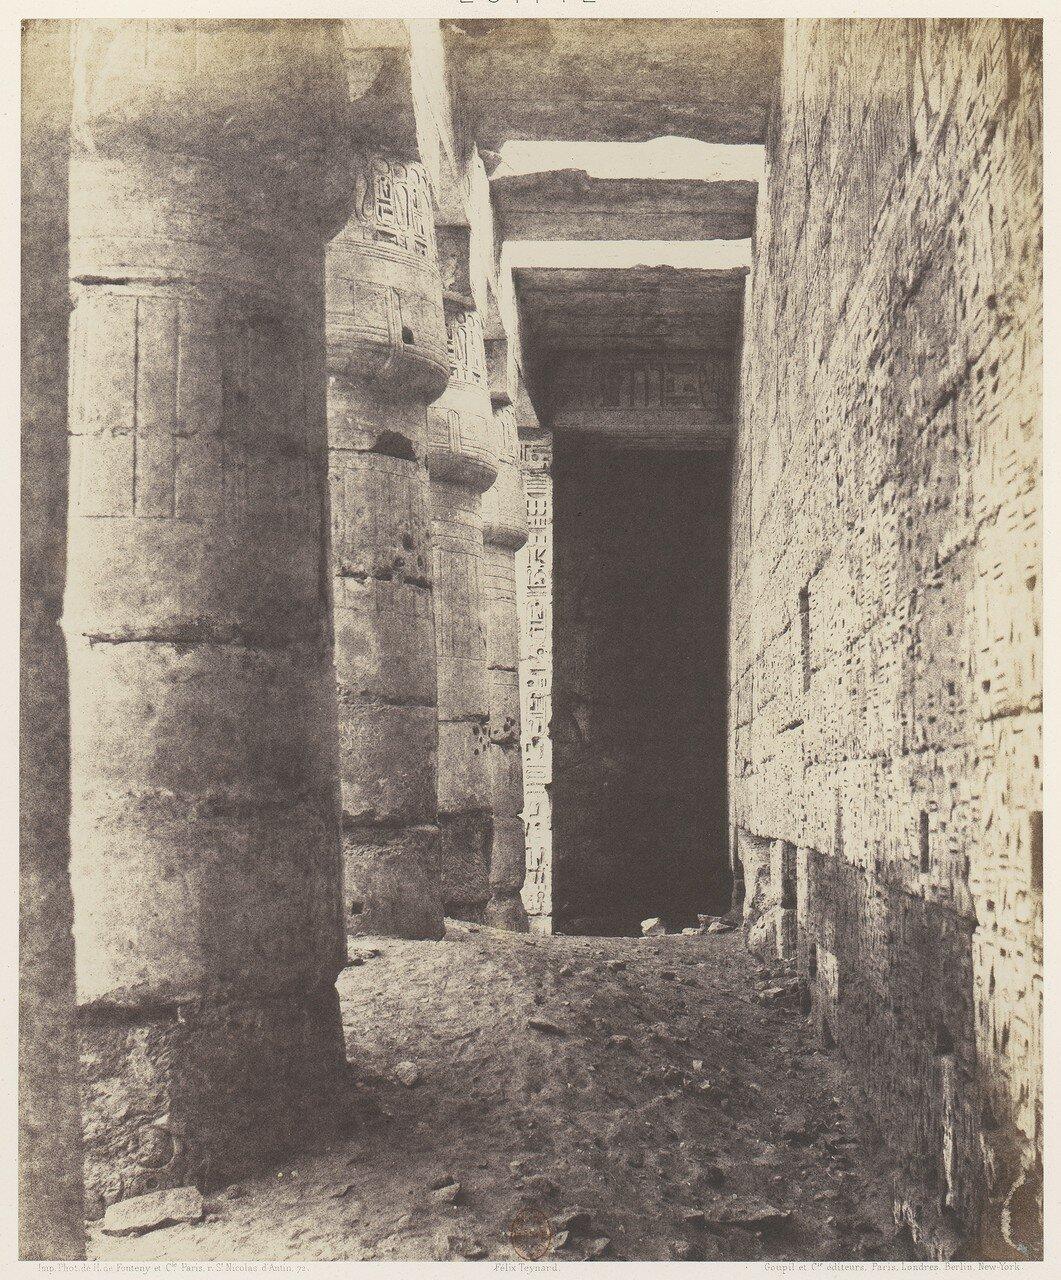 Мединет-Абу. Юго-восточная галерея